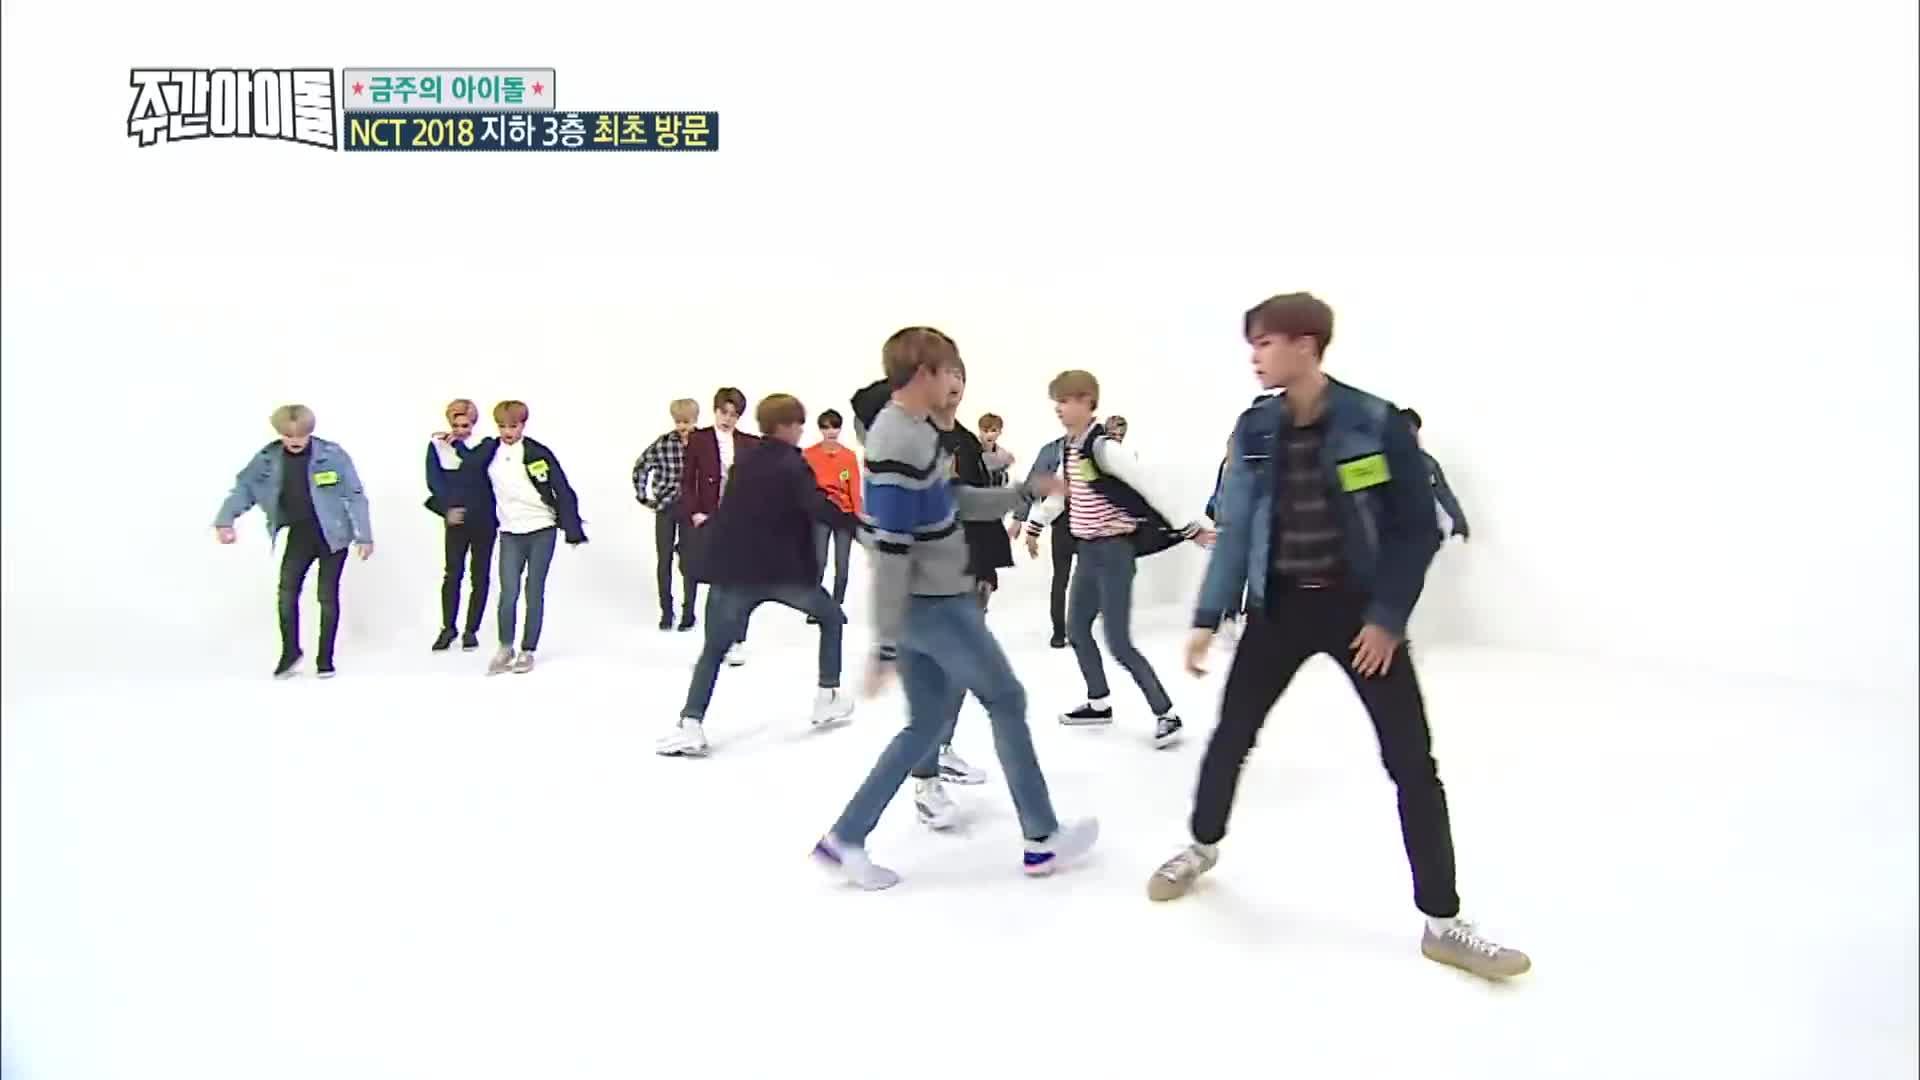 Netizen Hàn choáng ngợp trước màn đổ bộ lần đầu của 18 trai đẹp NCT